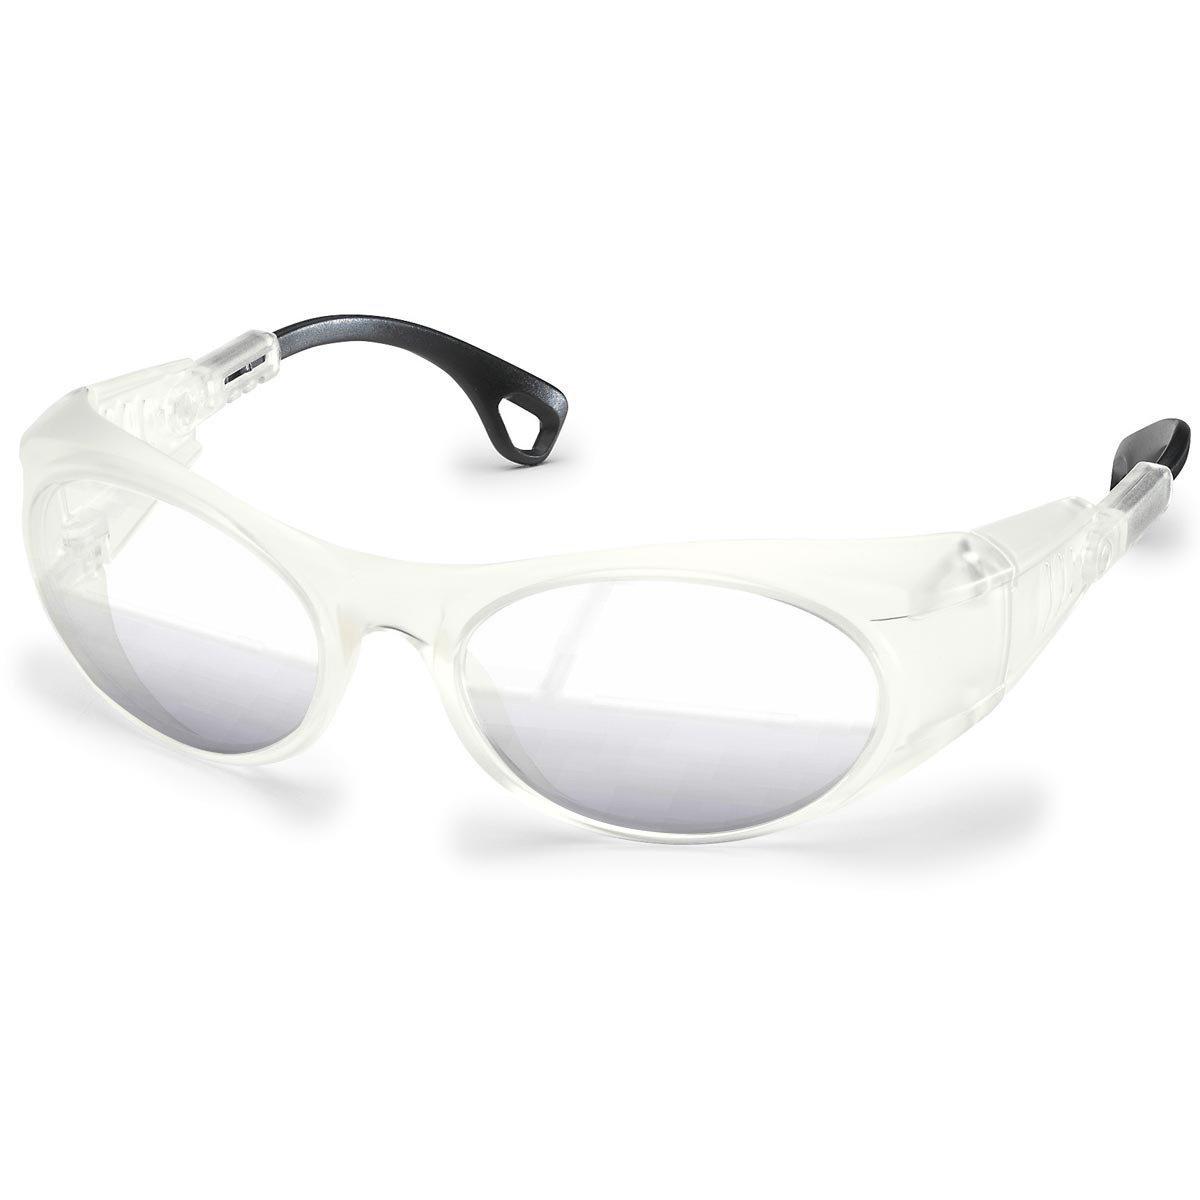 Uvex Korrektionsschutzbrille RX cd 5505 matt - Super-Entspiegelung